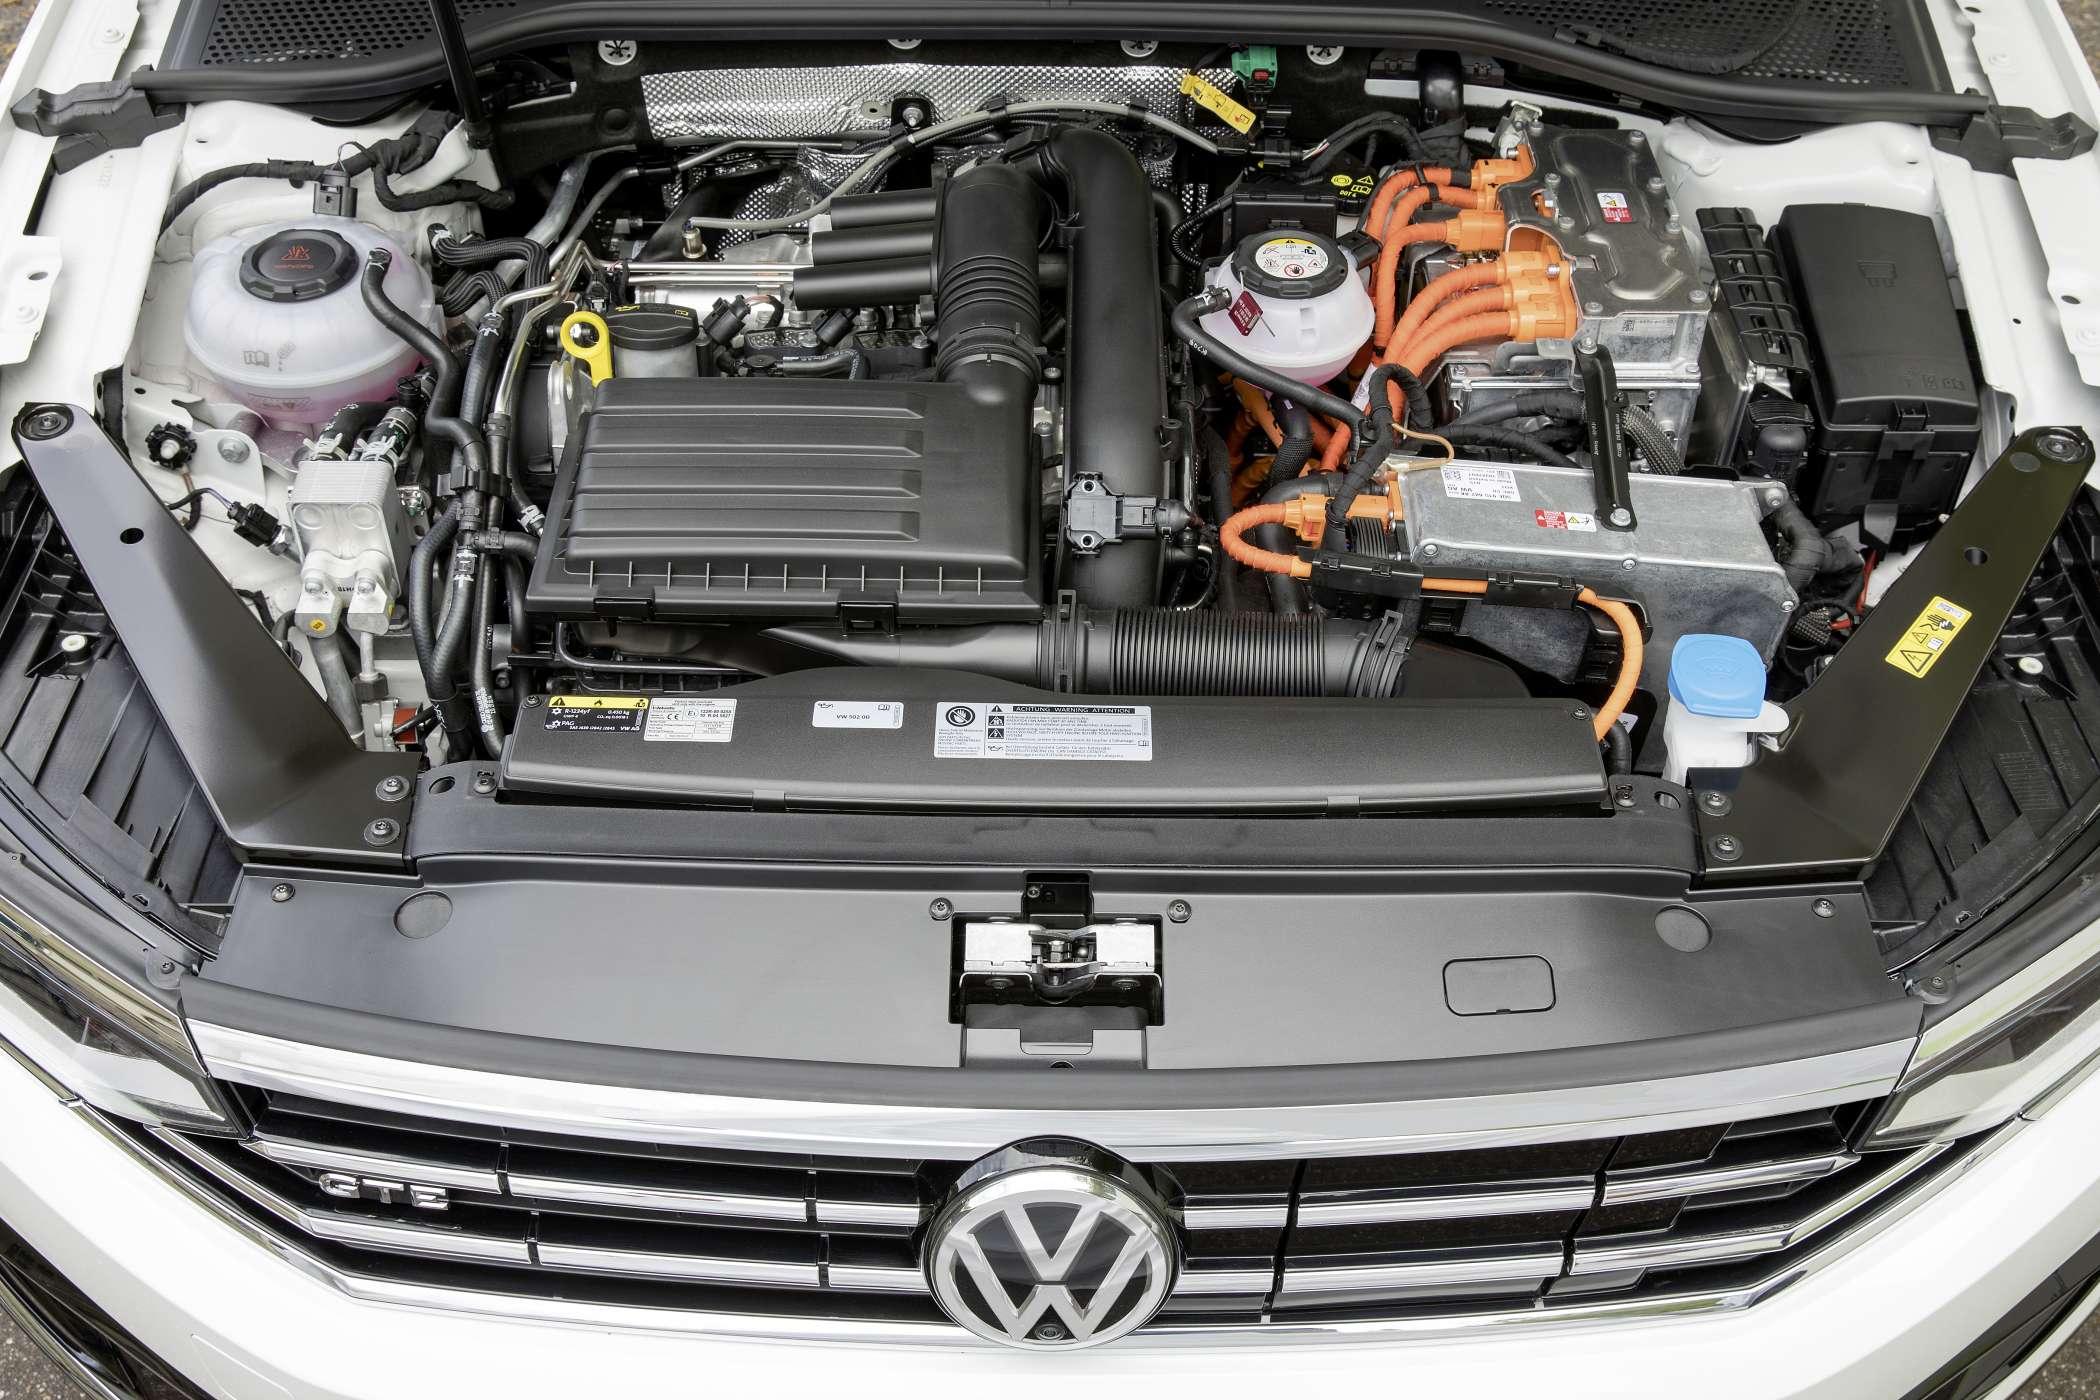 VW Passat троит: что делать?